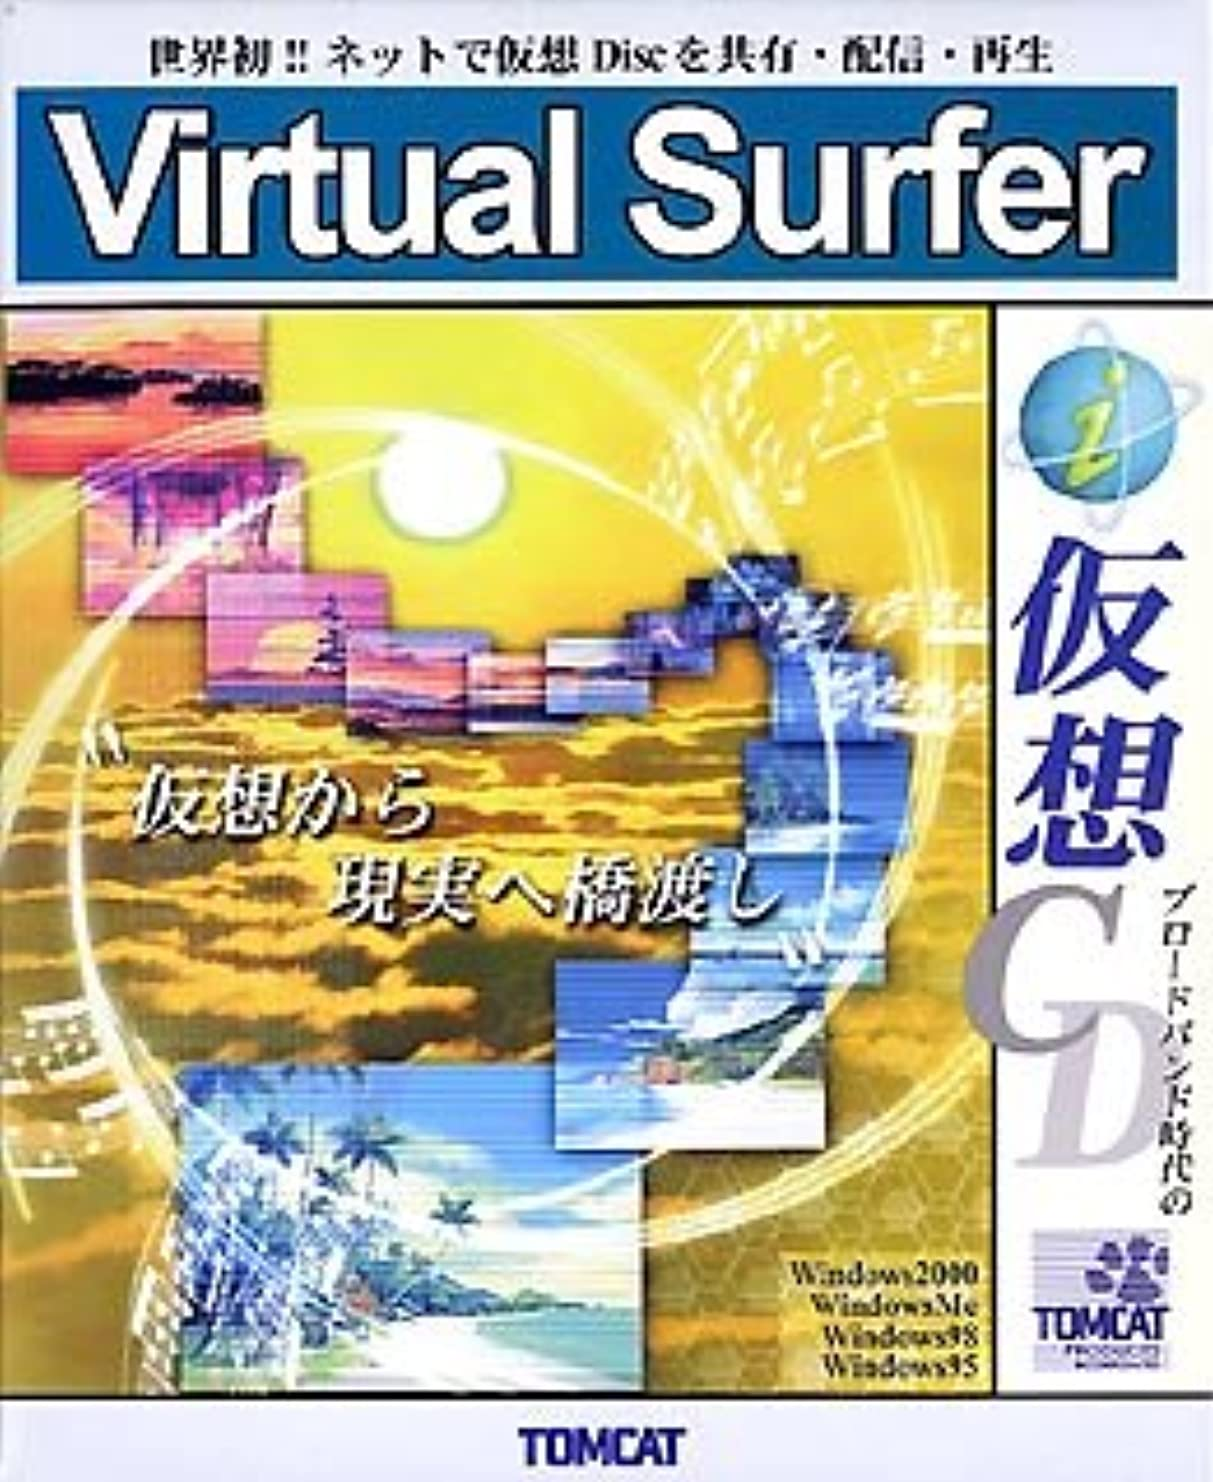 憂鬱な適格フォーカスVirtual Surfer